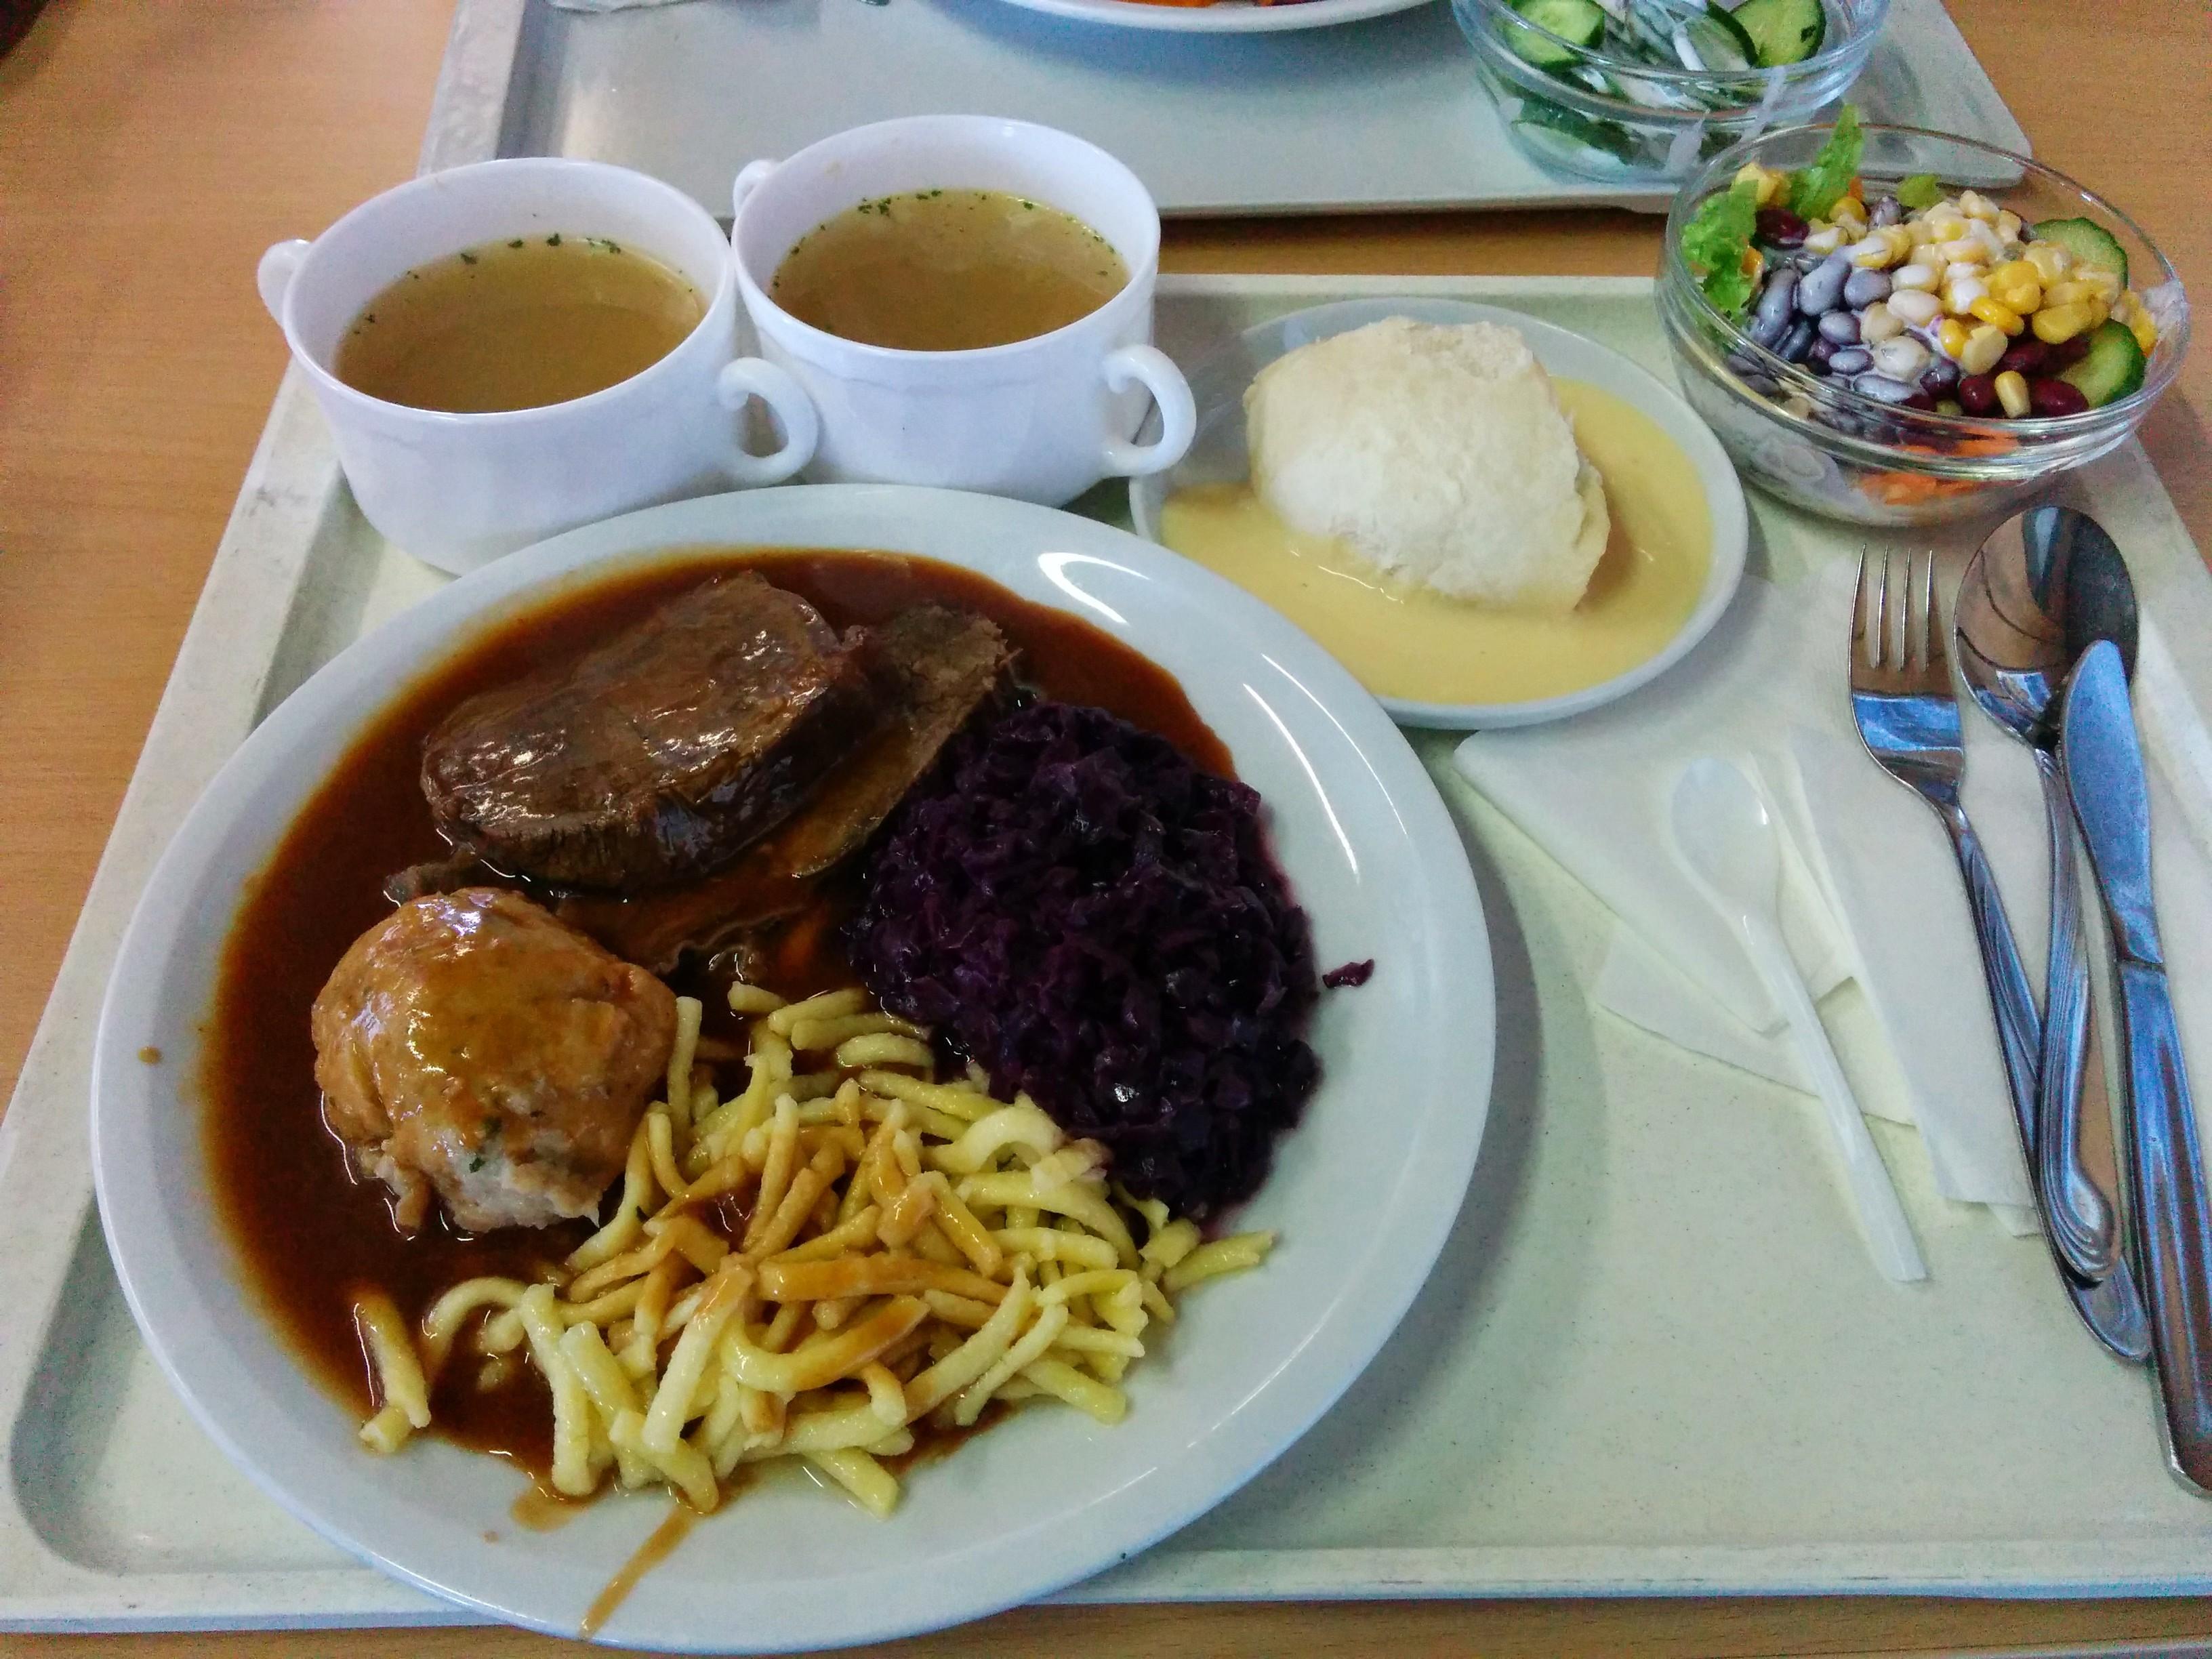 https://foodloader.net/nico_2014-06-26_sauerbraten-mit-knoedel-spaetzle-blaukraut-suppen-salat-und-nachtisch.jpg